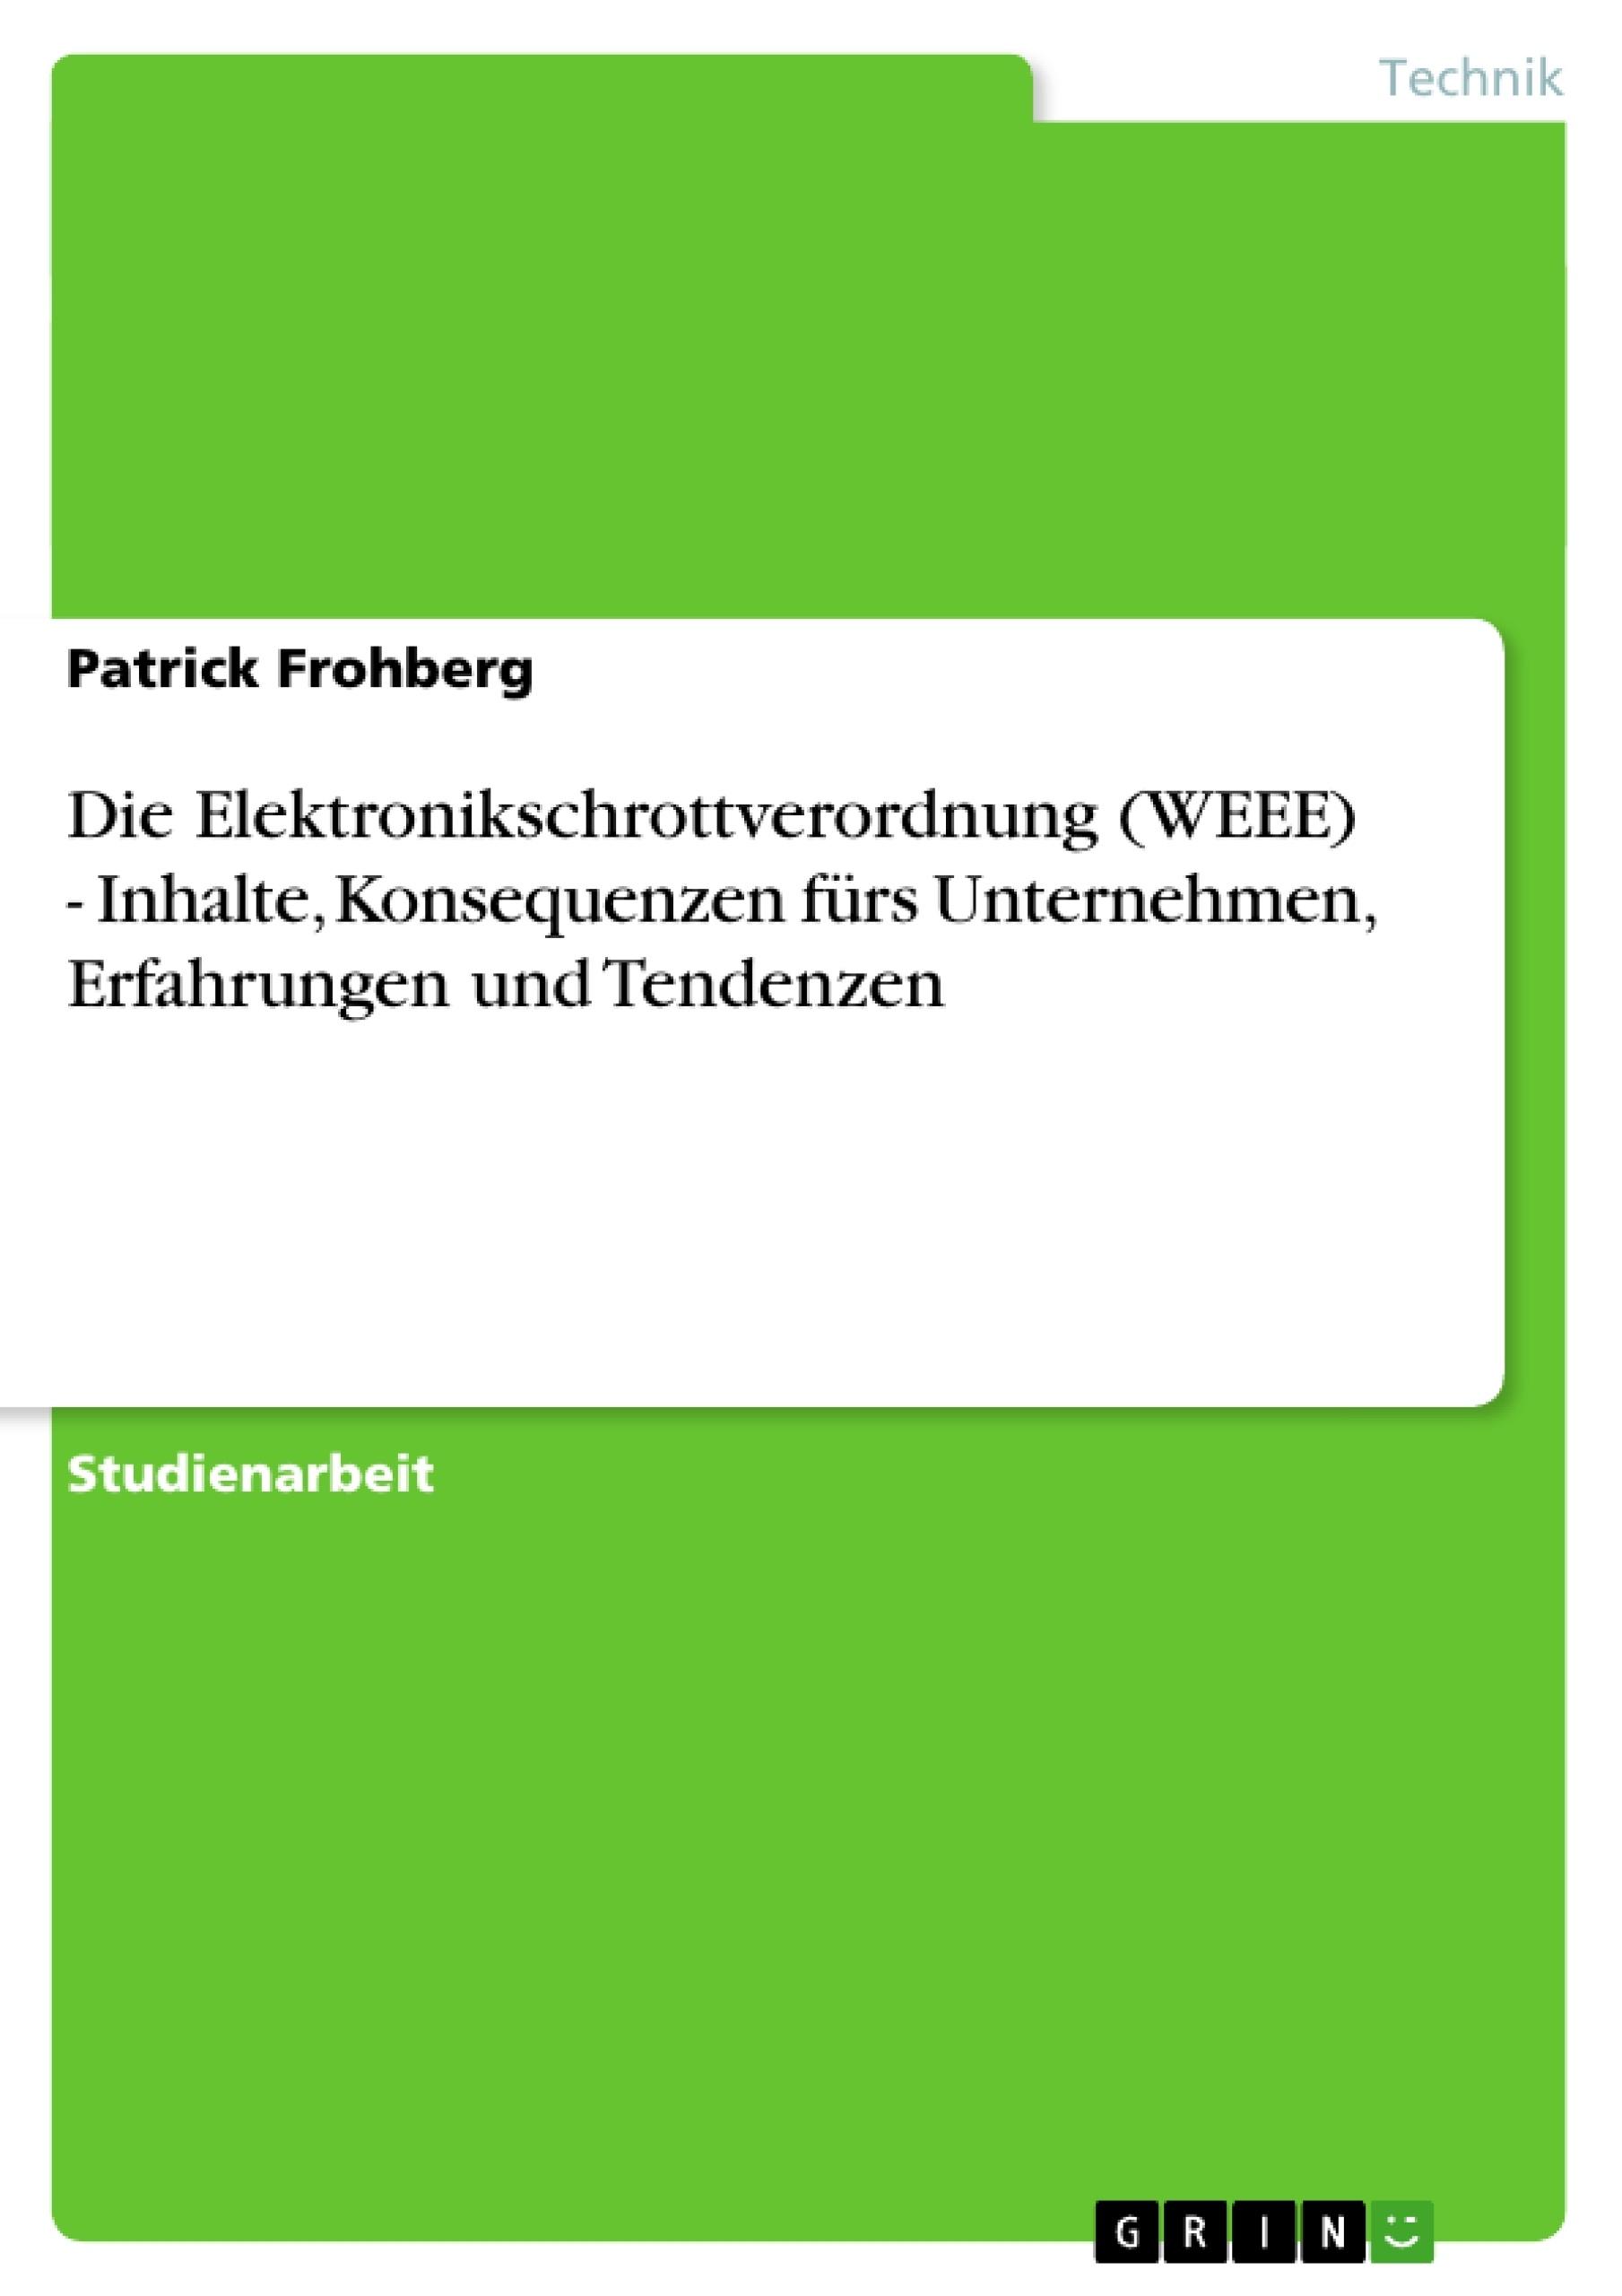 Titel: Die Elektronikschrottverordnung (WEEE) - Inhalte, Konsequenzen fürs Unternehmen, Erfahrungen und Tendenzen